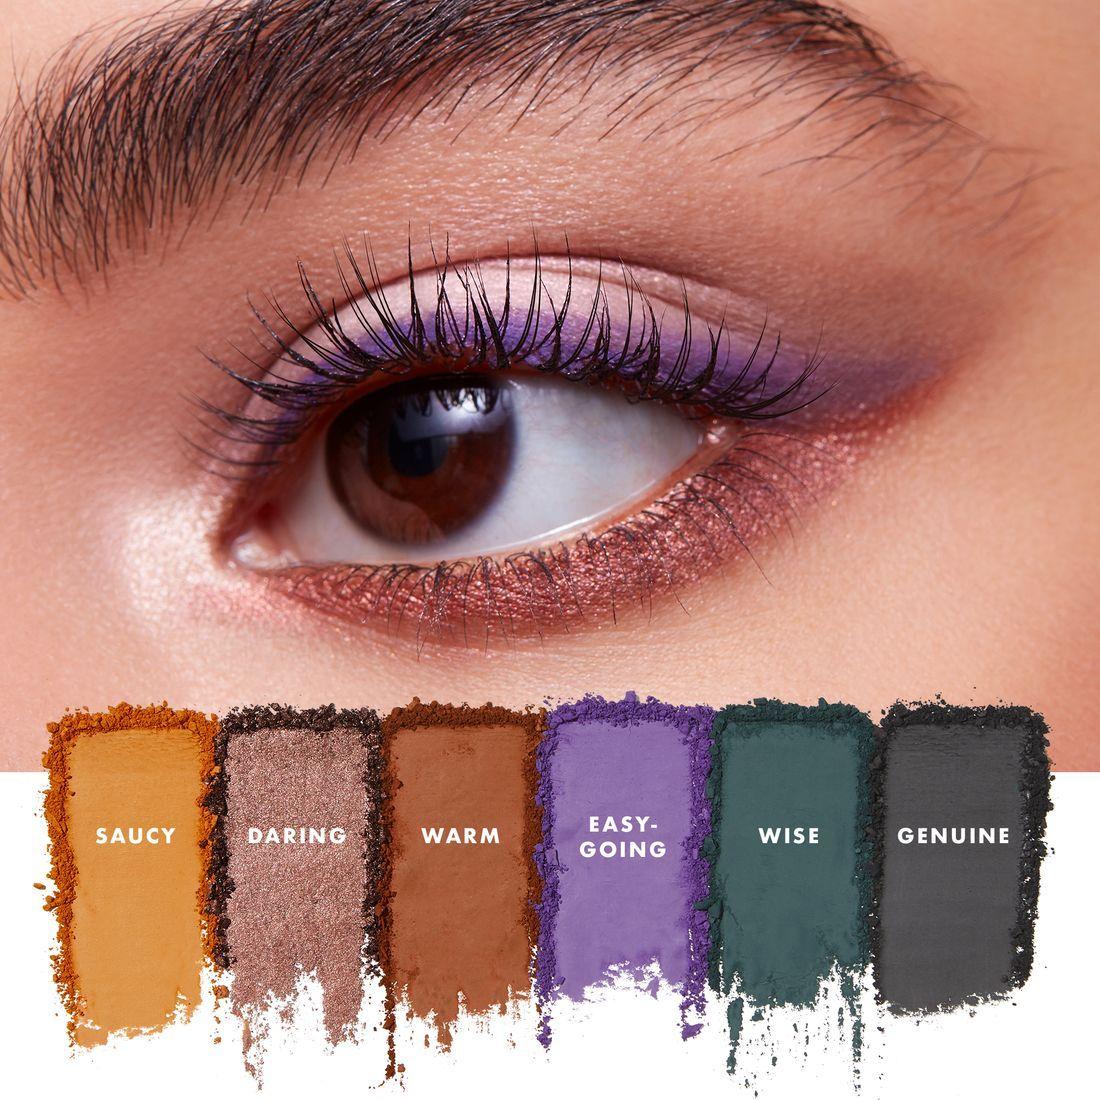 Opposites Attract Eyeshadow Palette Eyeshadow, Eyeshadow